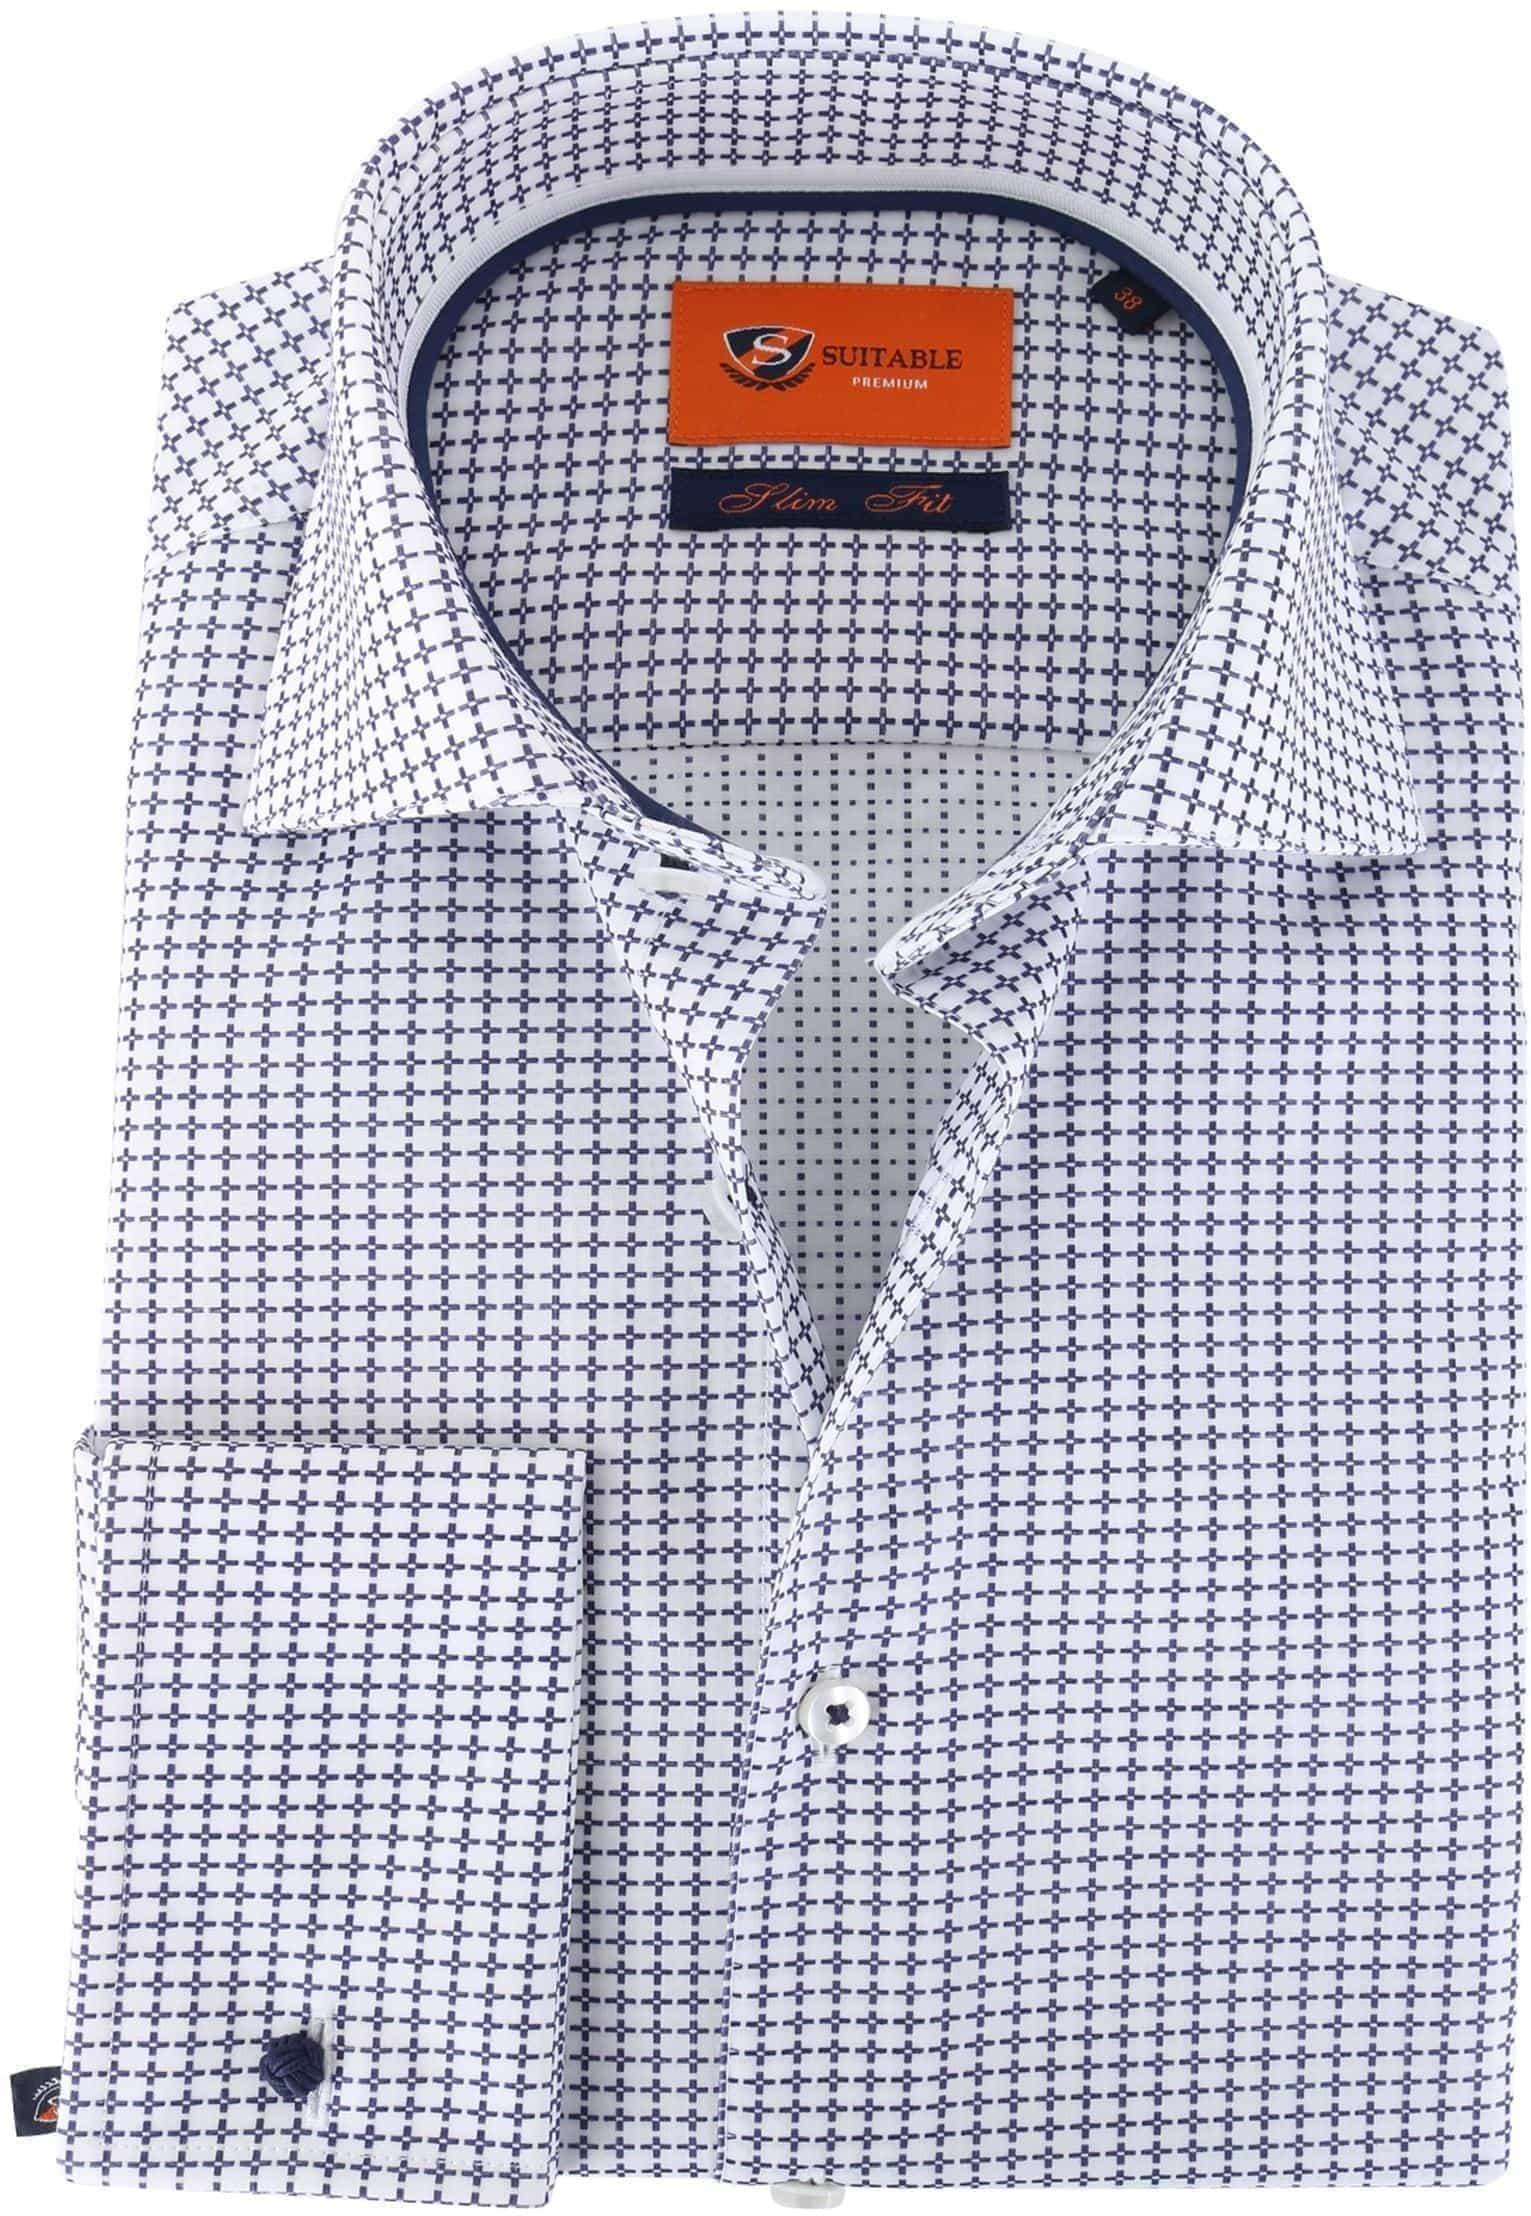 Suitable Overhemd Check Blue Dubbelmanchet foto 0